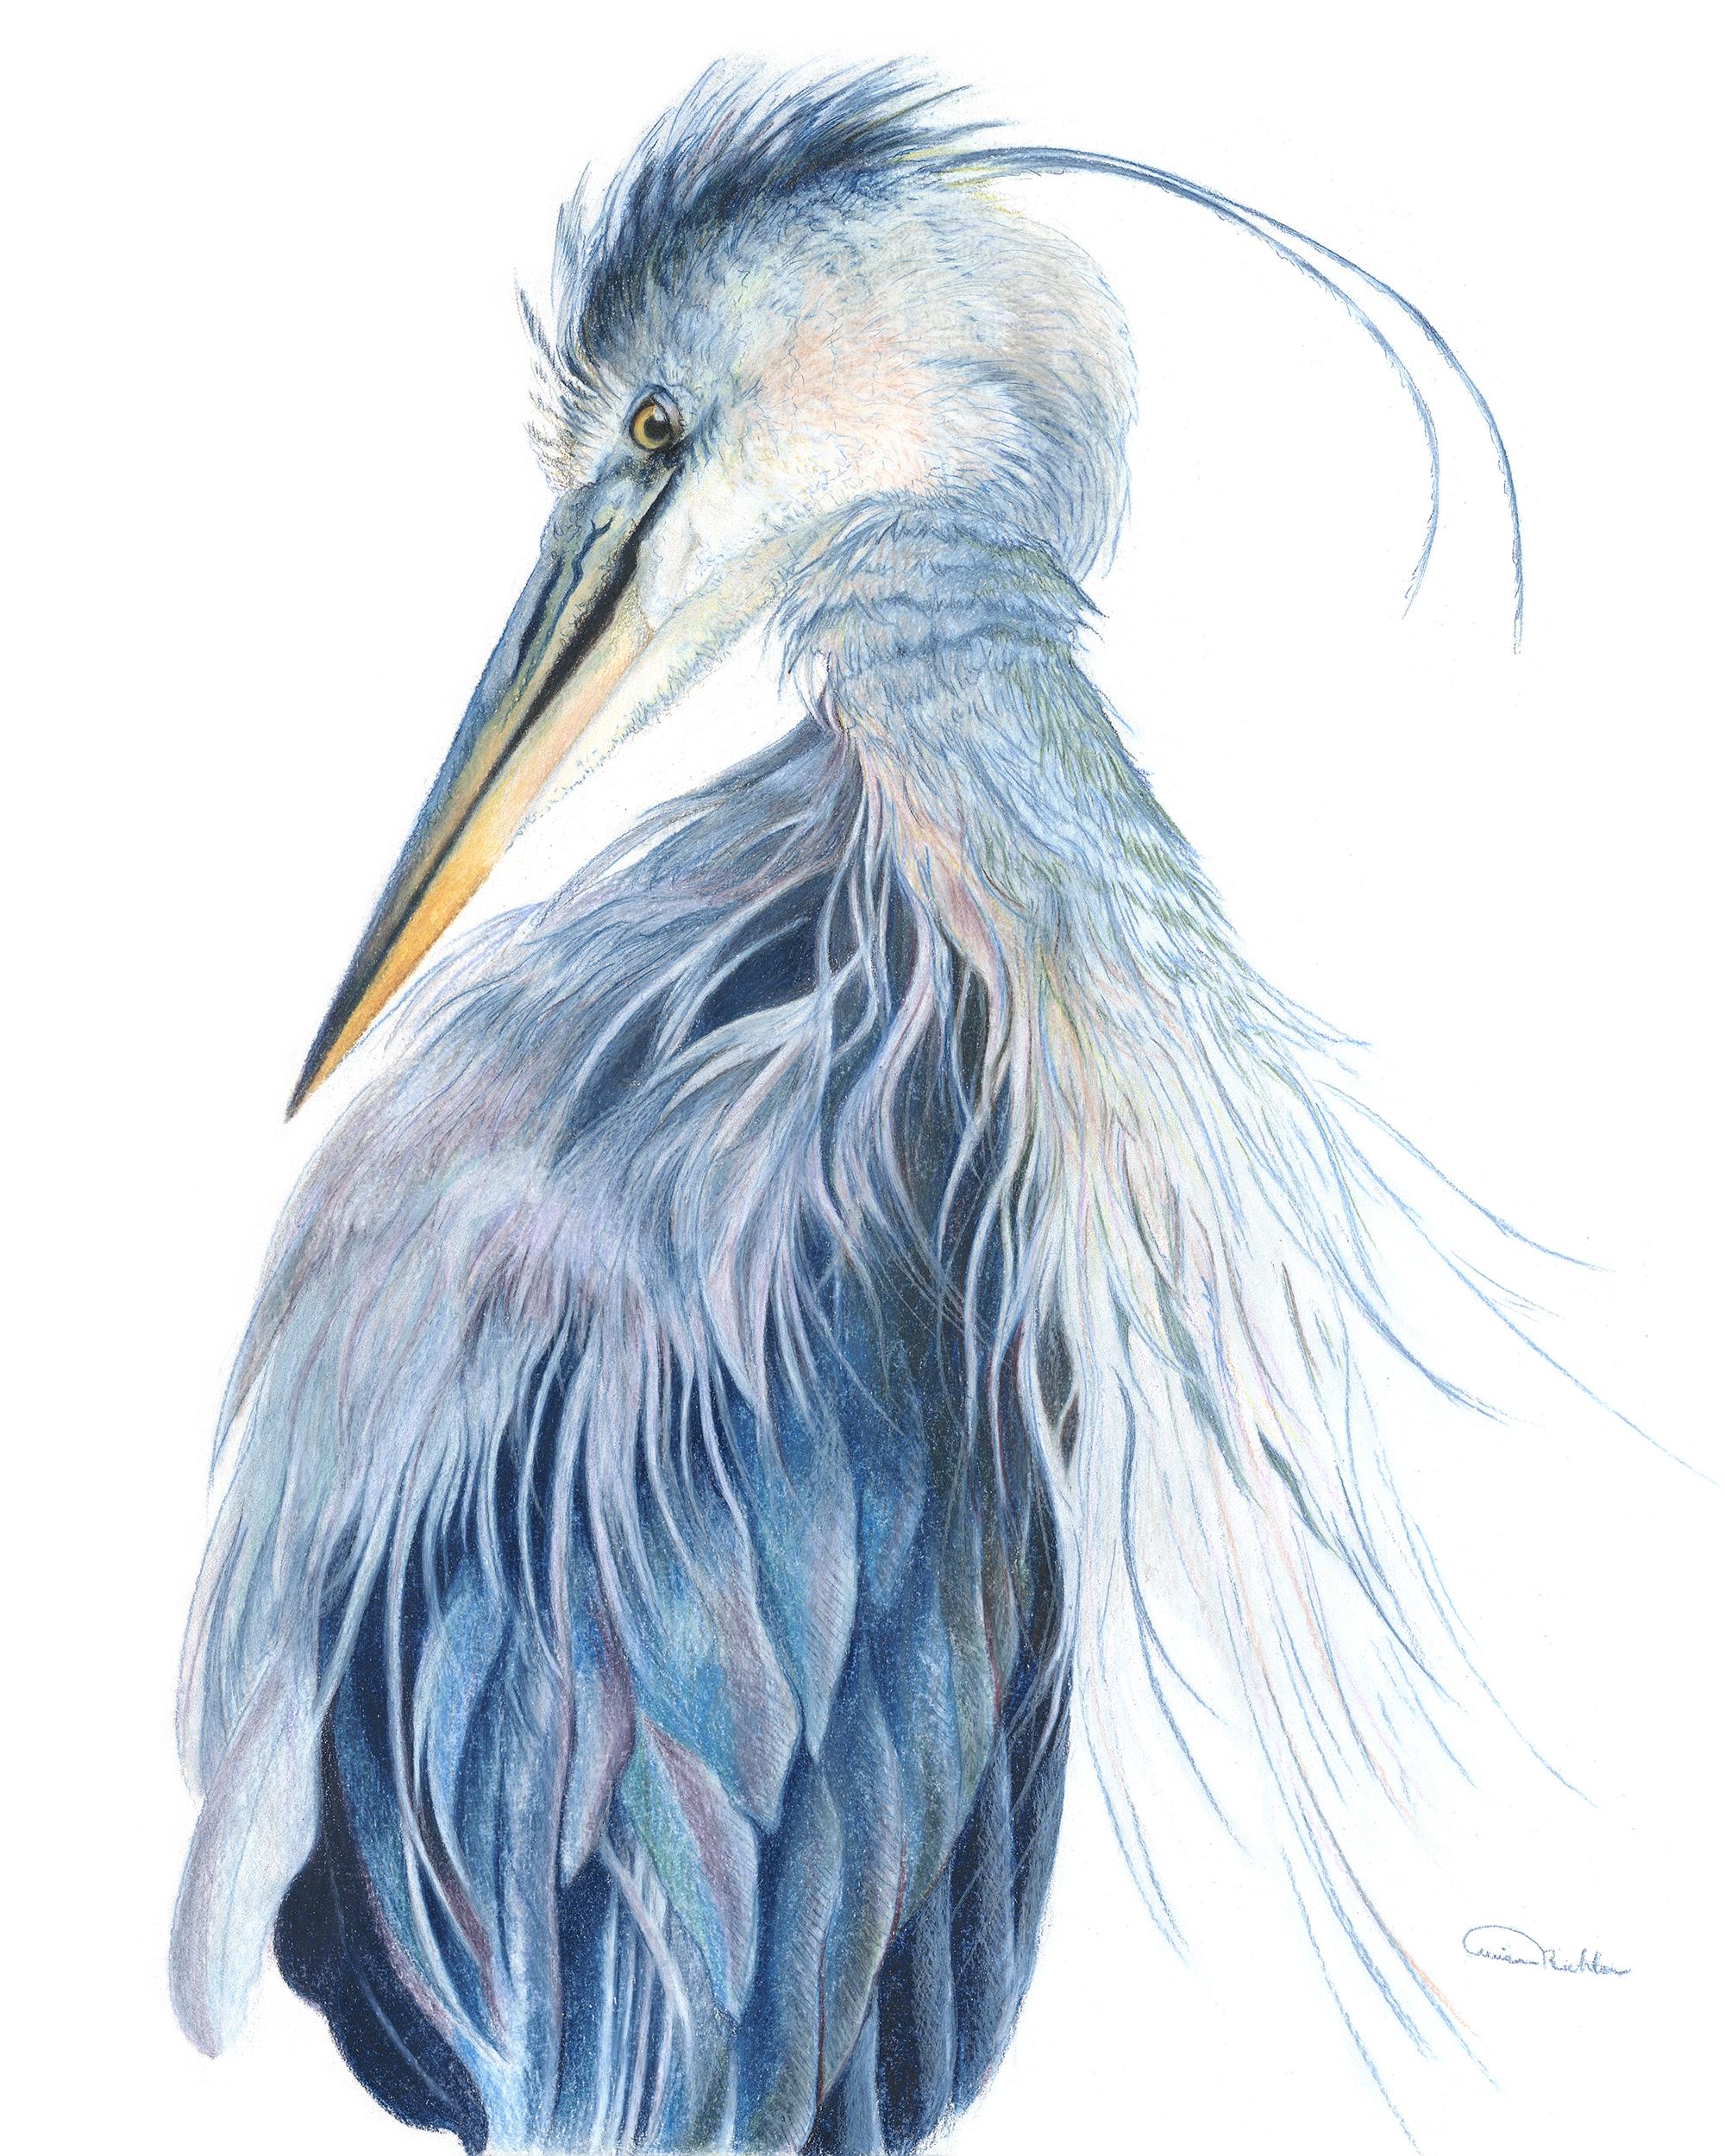 """""""Presumed Melancholy"""", Blue Heron Original Prismacolor Artwork by Allison Richter"""